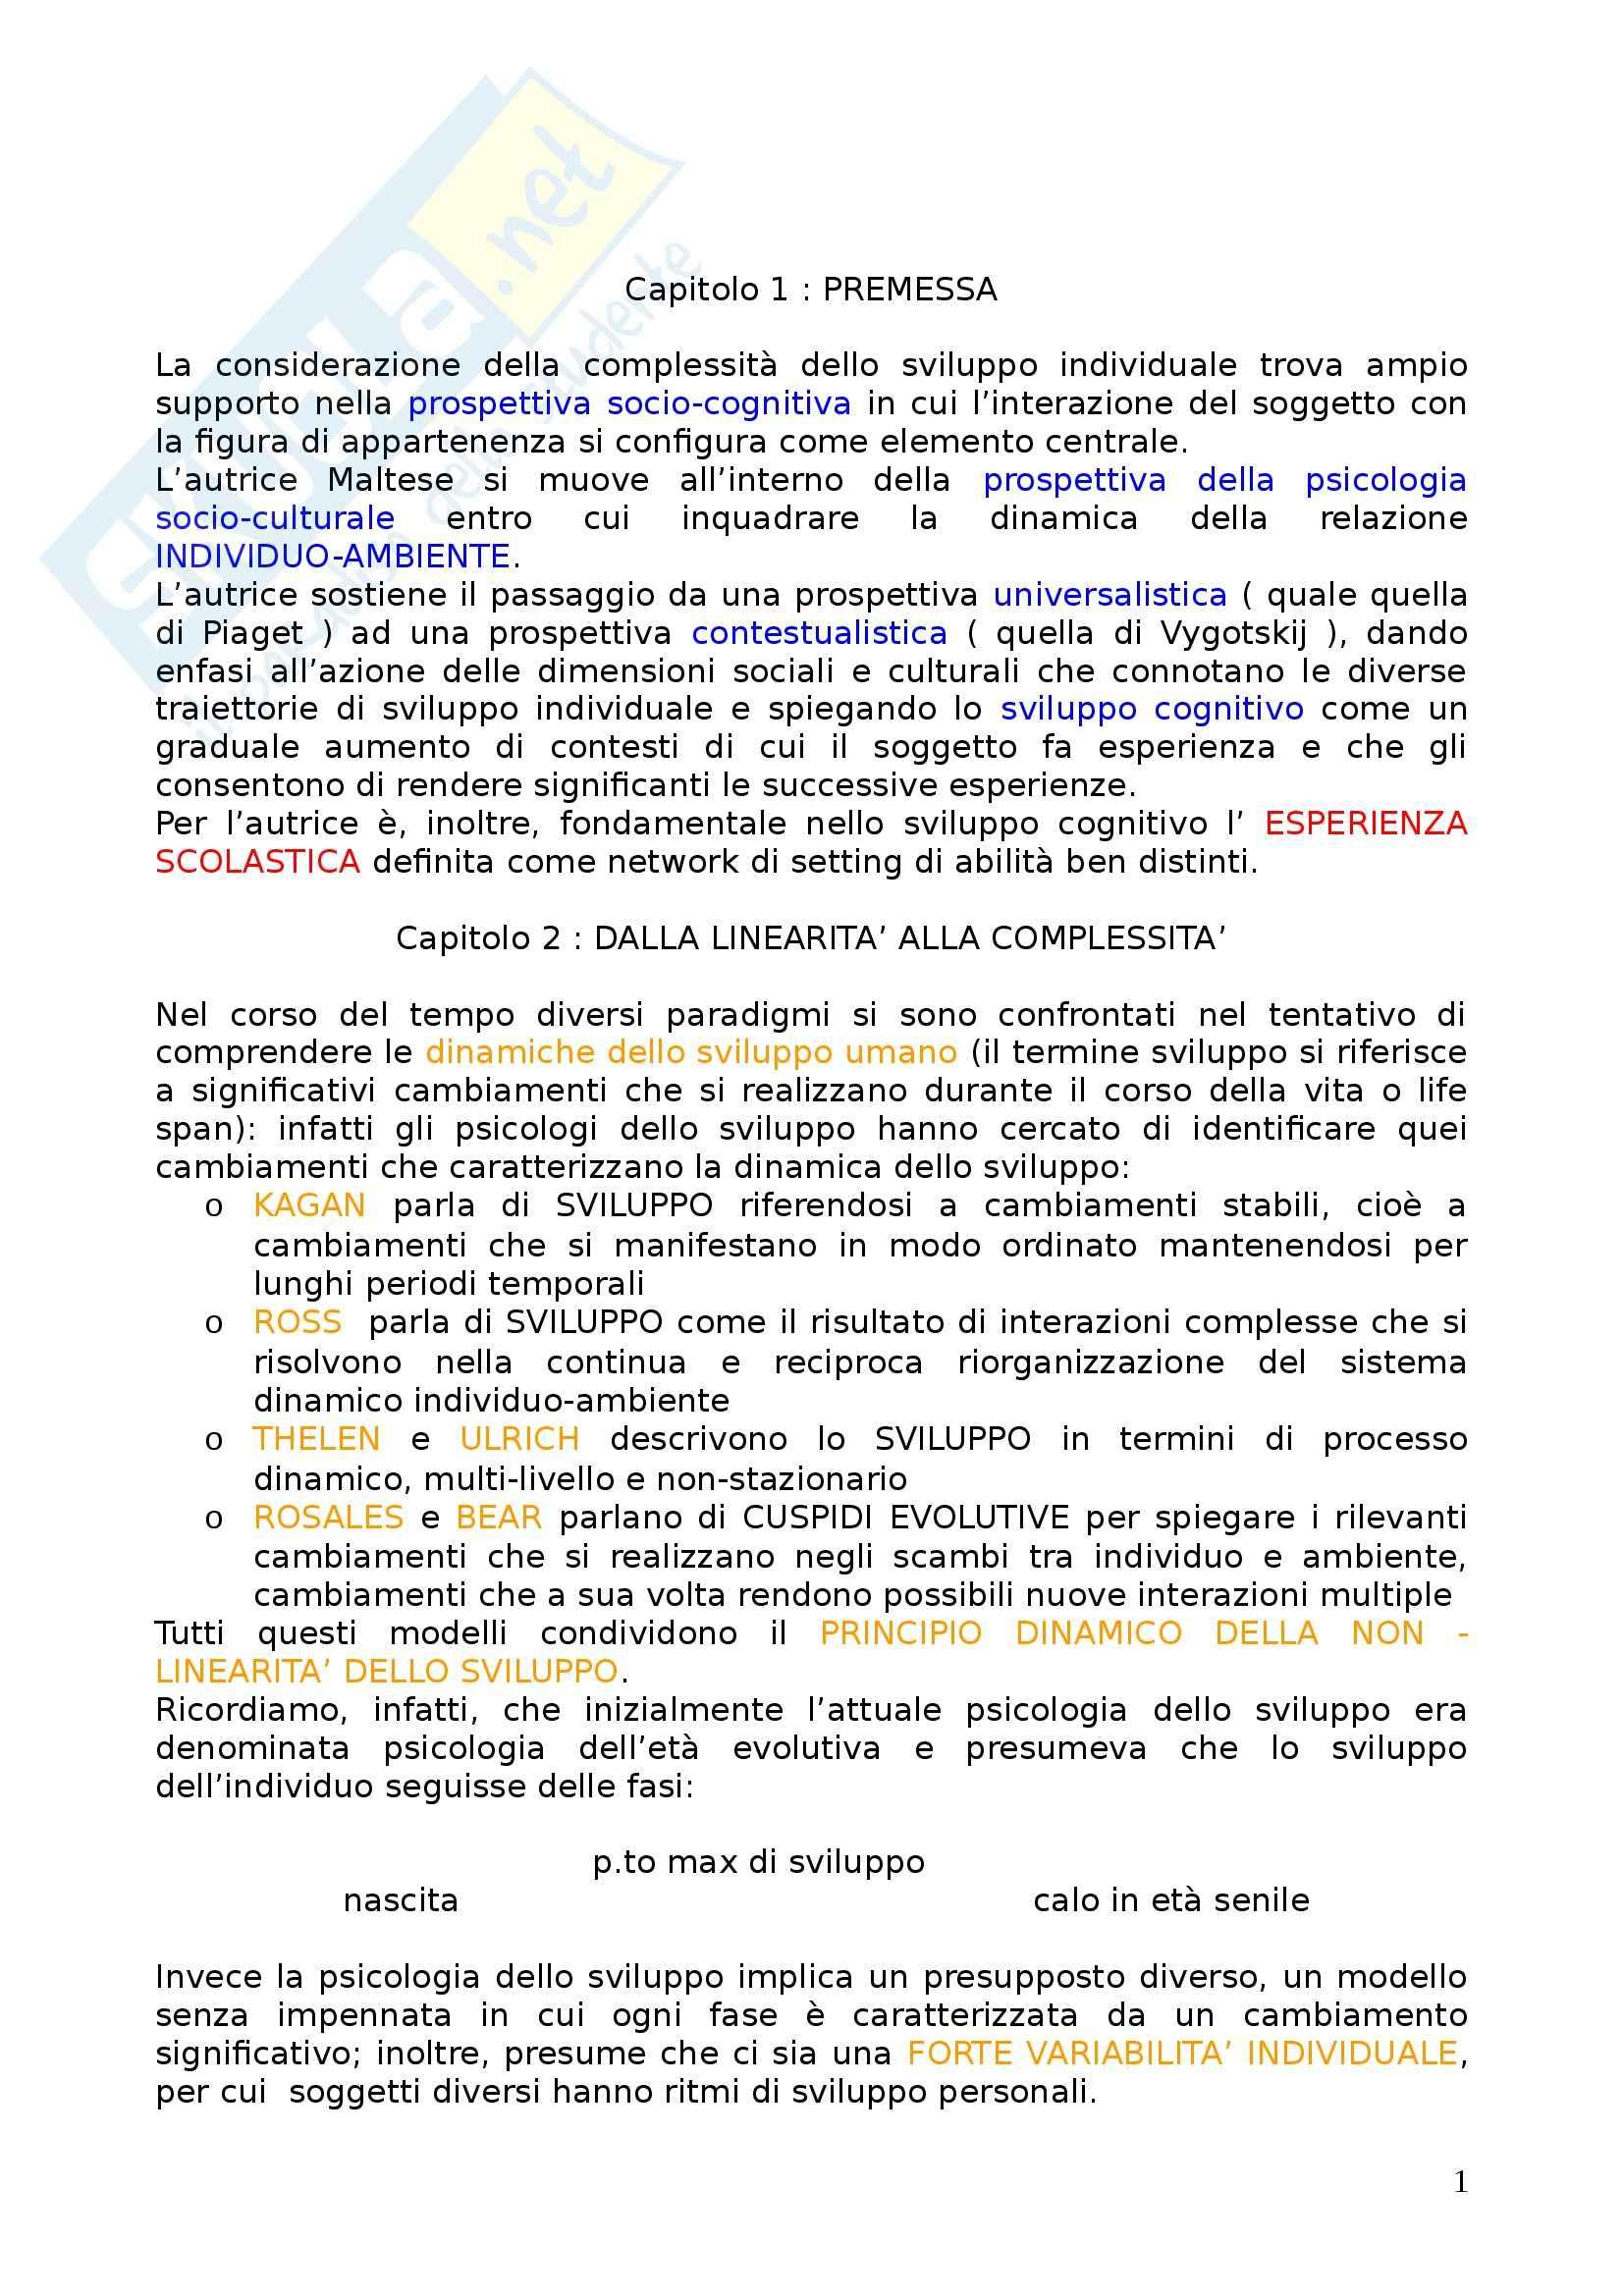 appunto P. Alesi Maltese Psicologia dello sviluppo